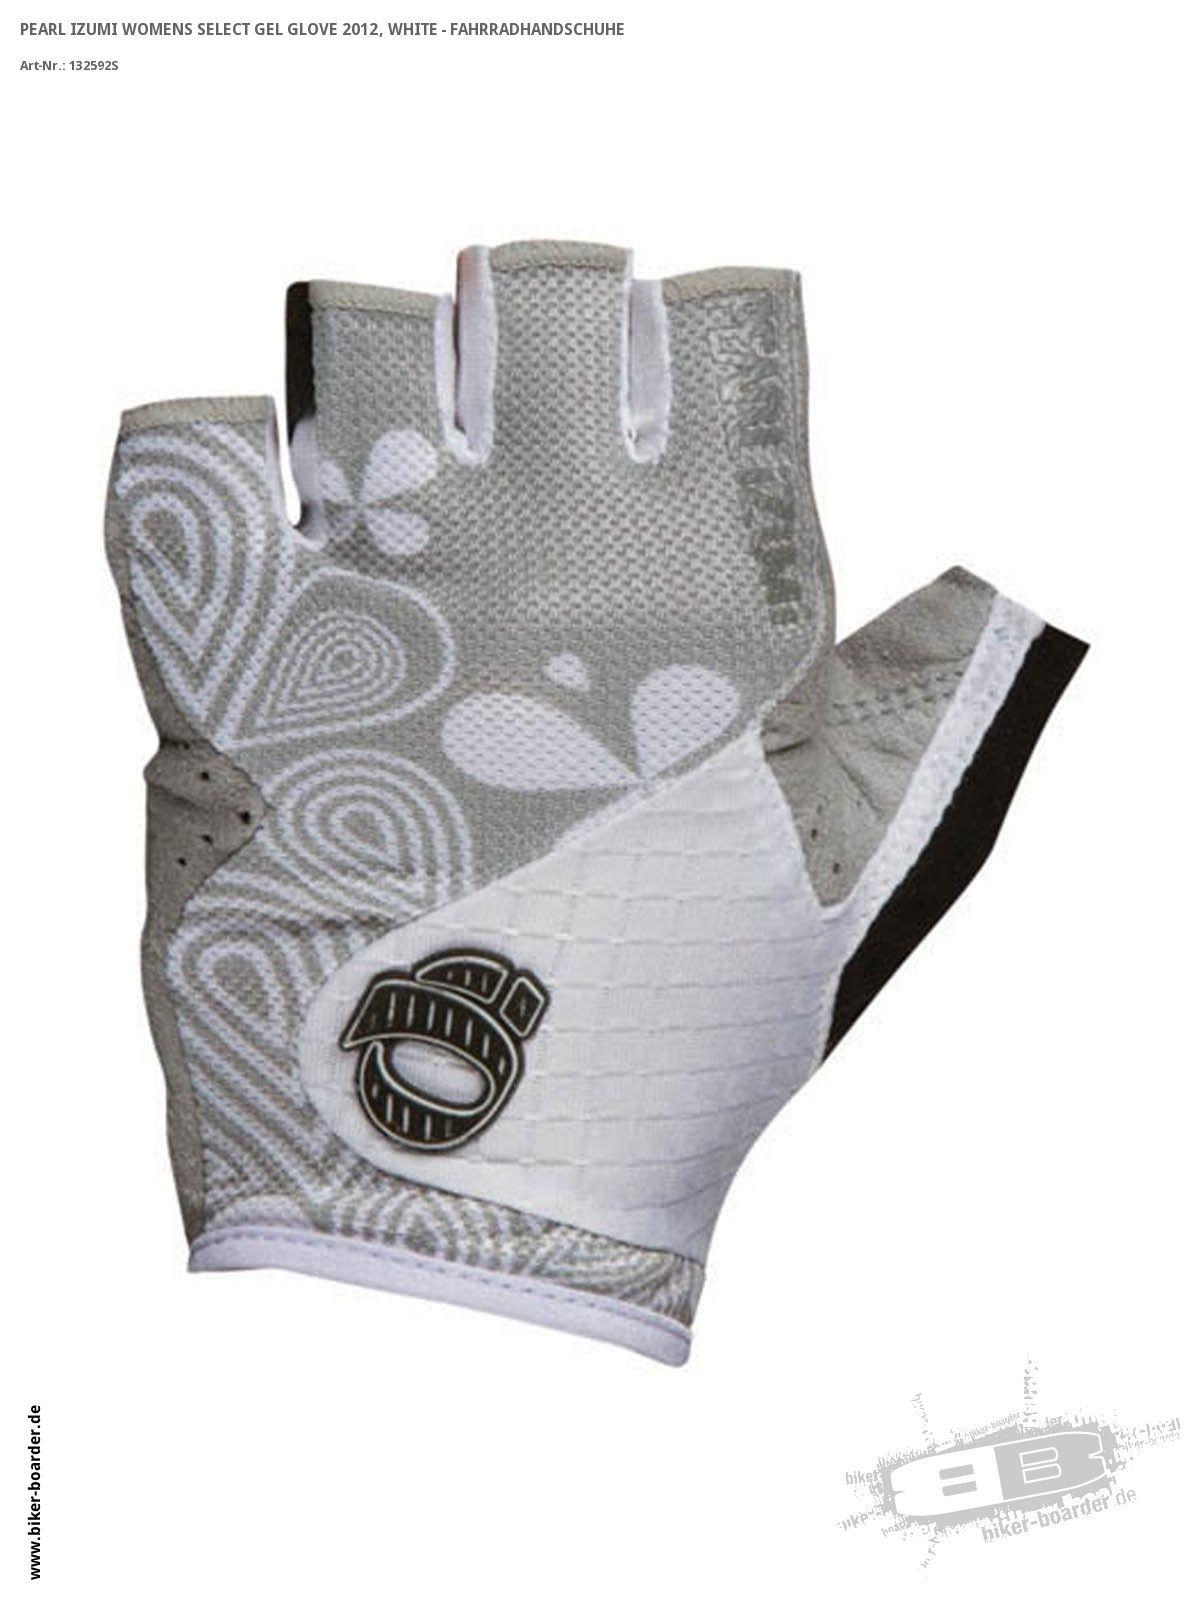 Womens Select Gel Glove 2012 White Fahrradhandschuhe Mit